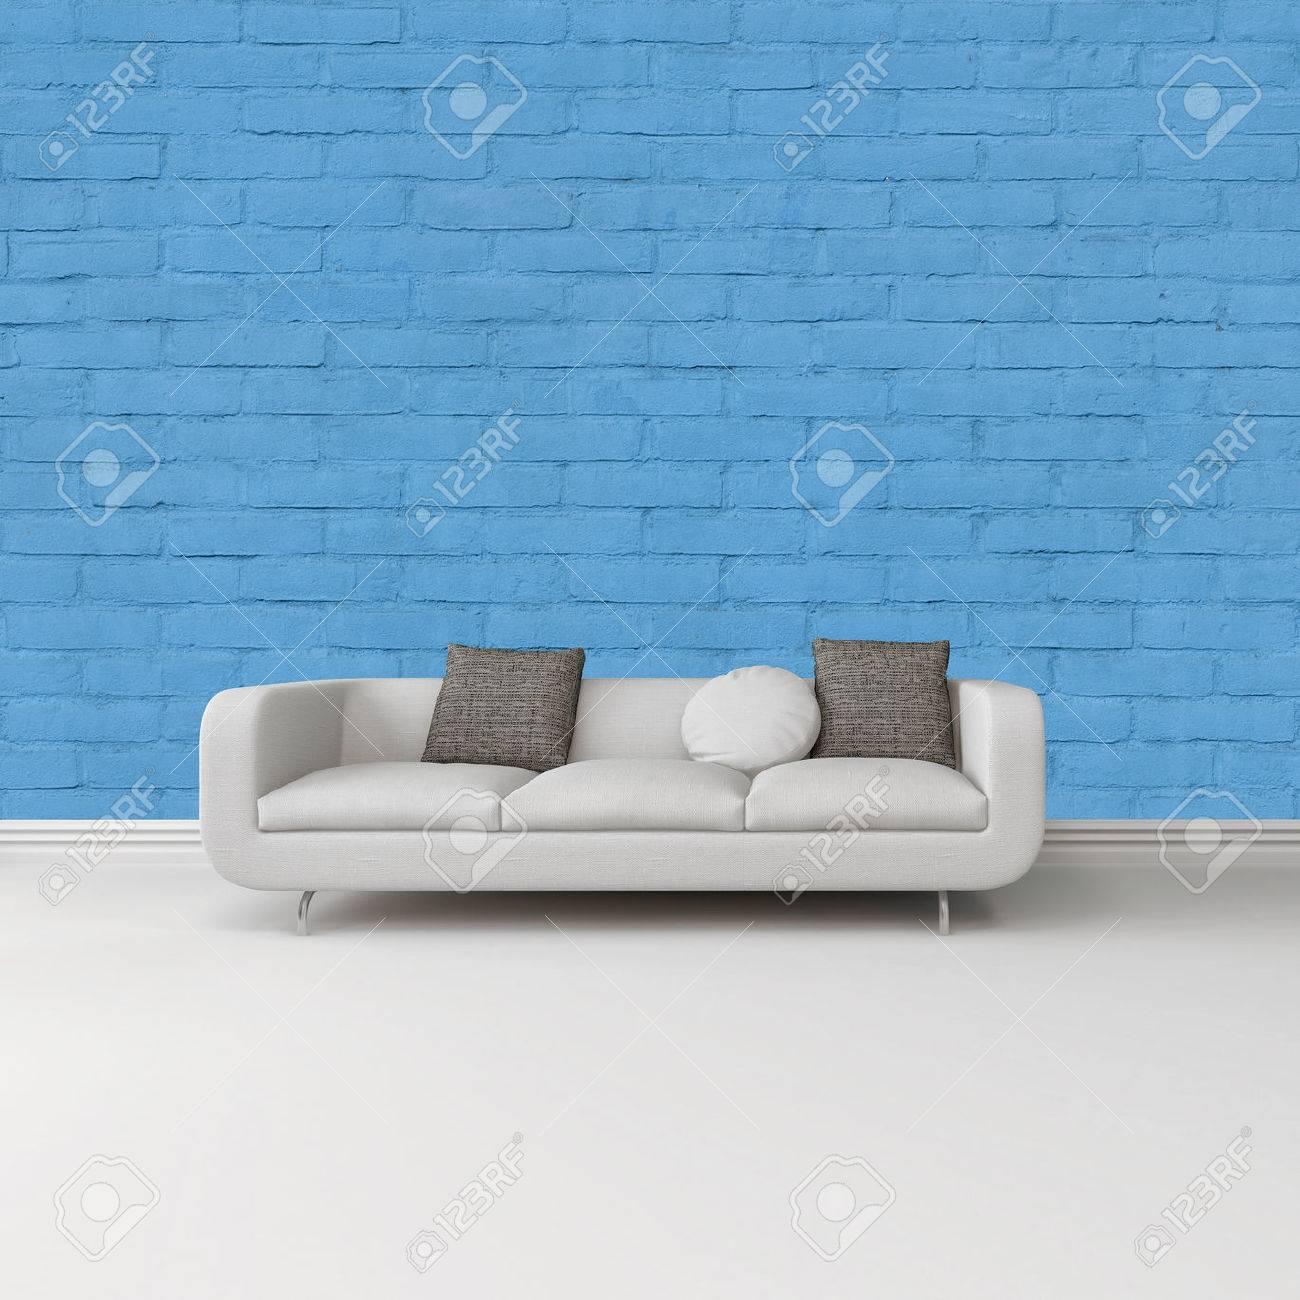 Canape Blanc Moderne Avec Coussins Gris Contre Un Mur Bleu Sur Un